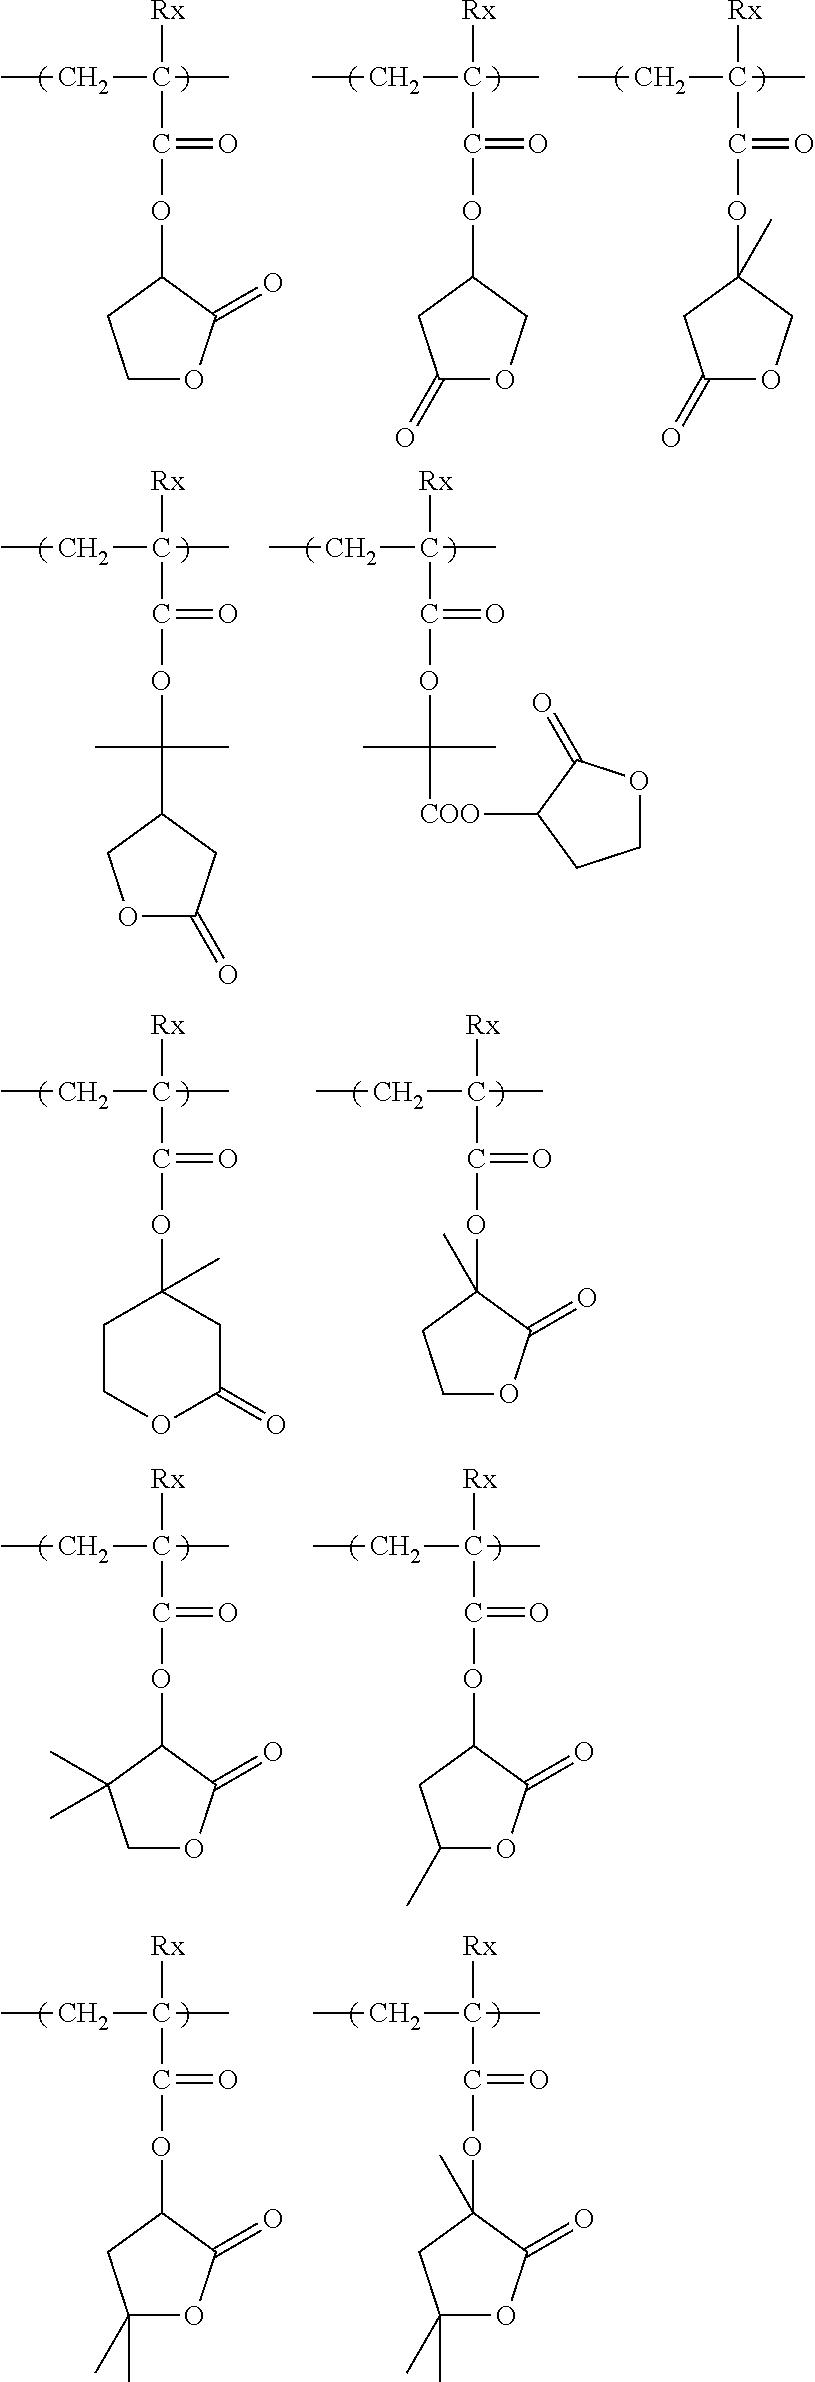 Figure US08476001-20130702-C00027